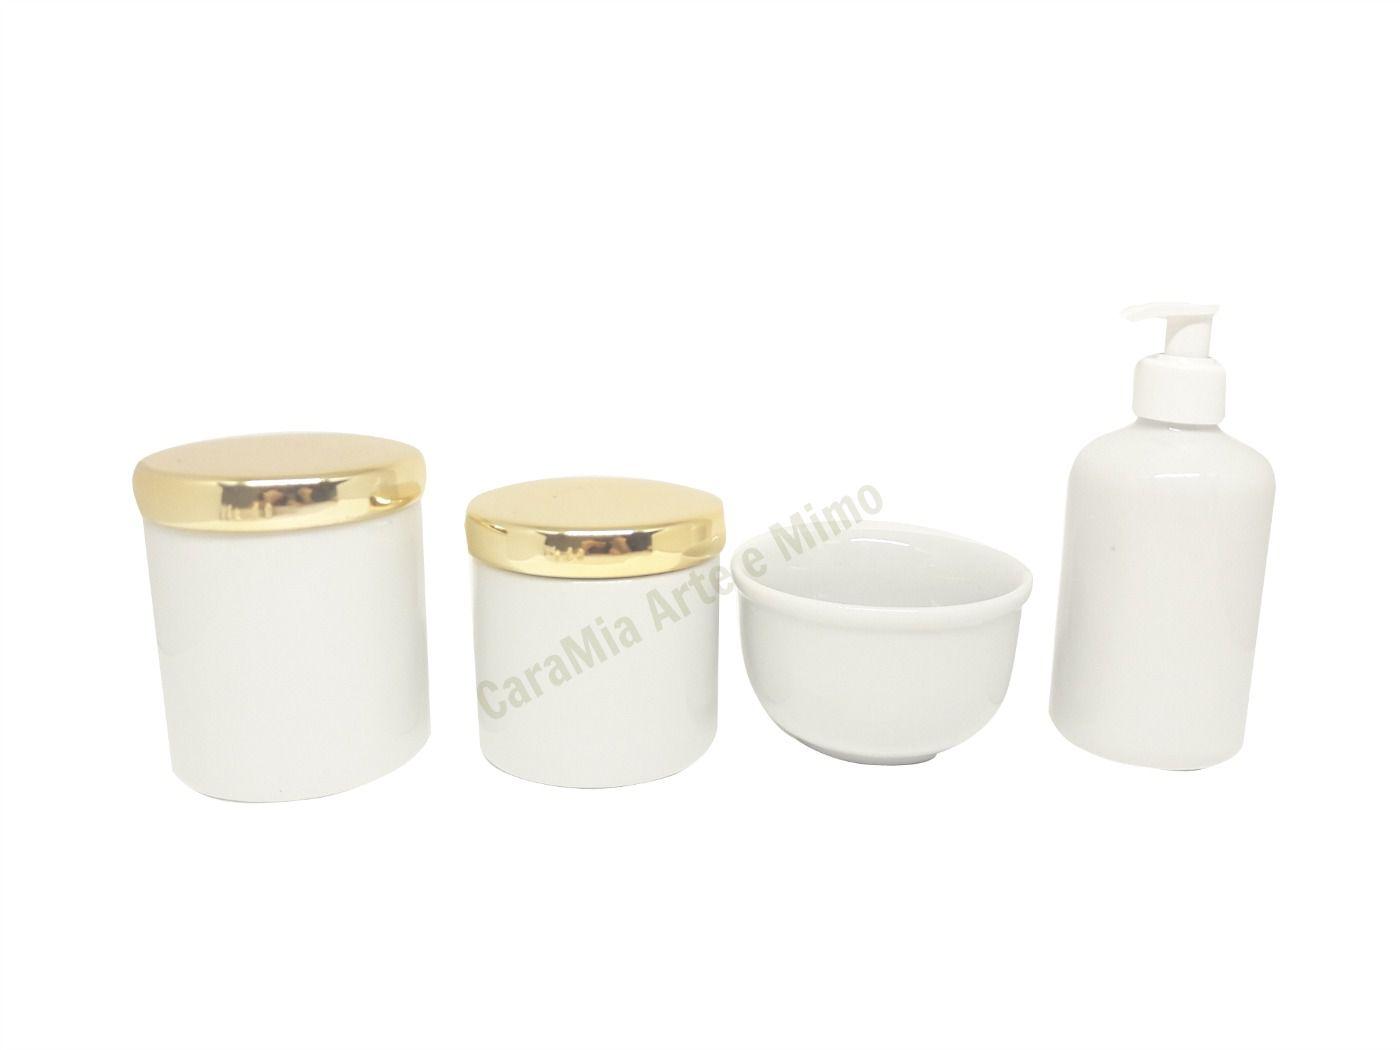 Kit Higiene Bebê Porcelana Branco com Tampas Metalizadas Douradas|4 peças